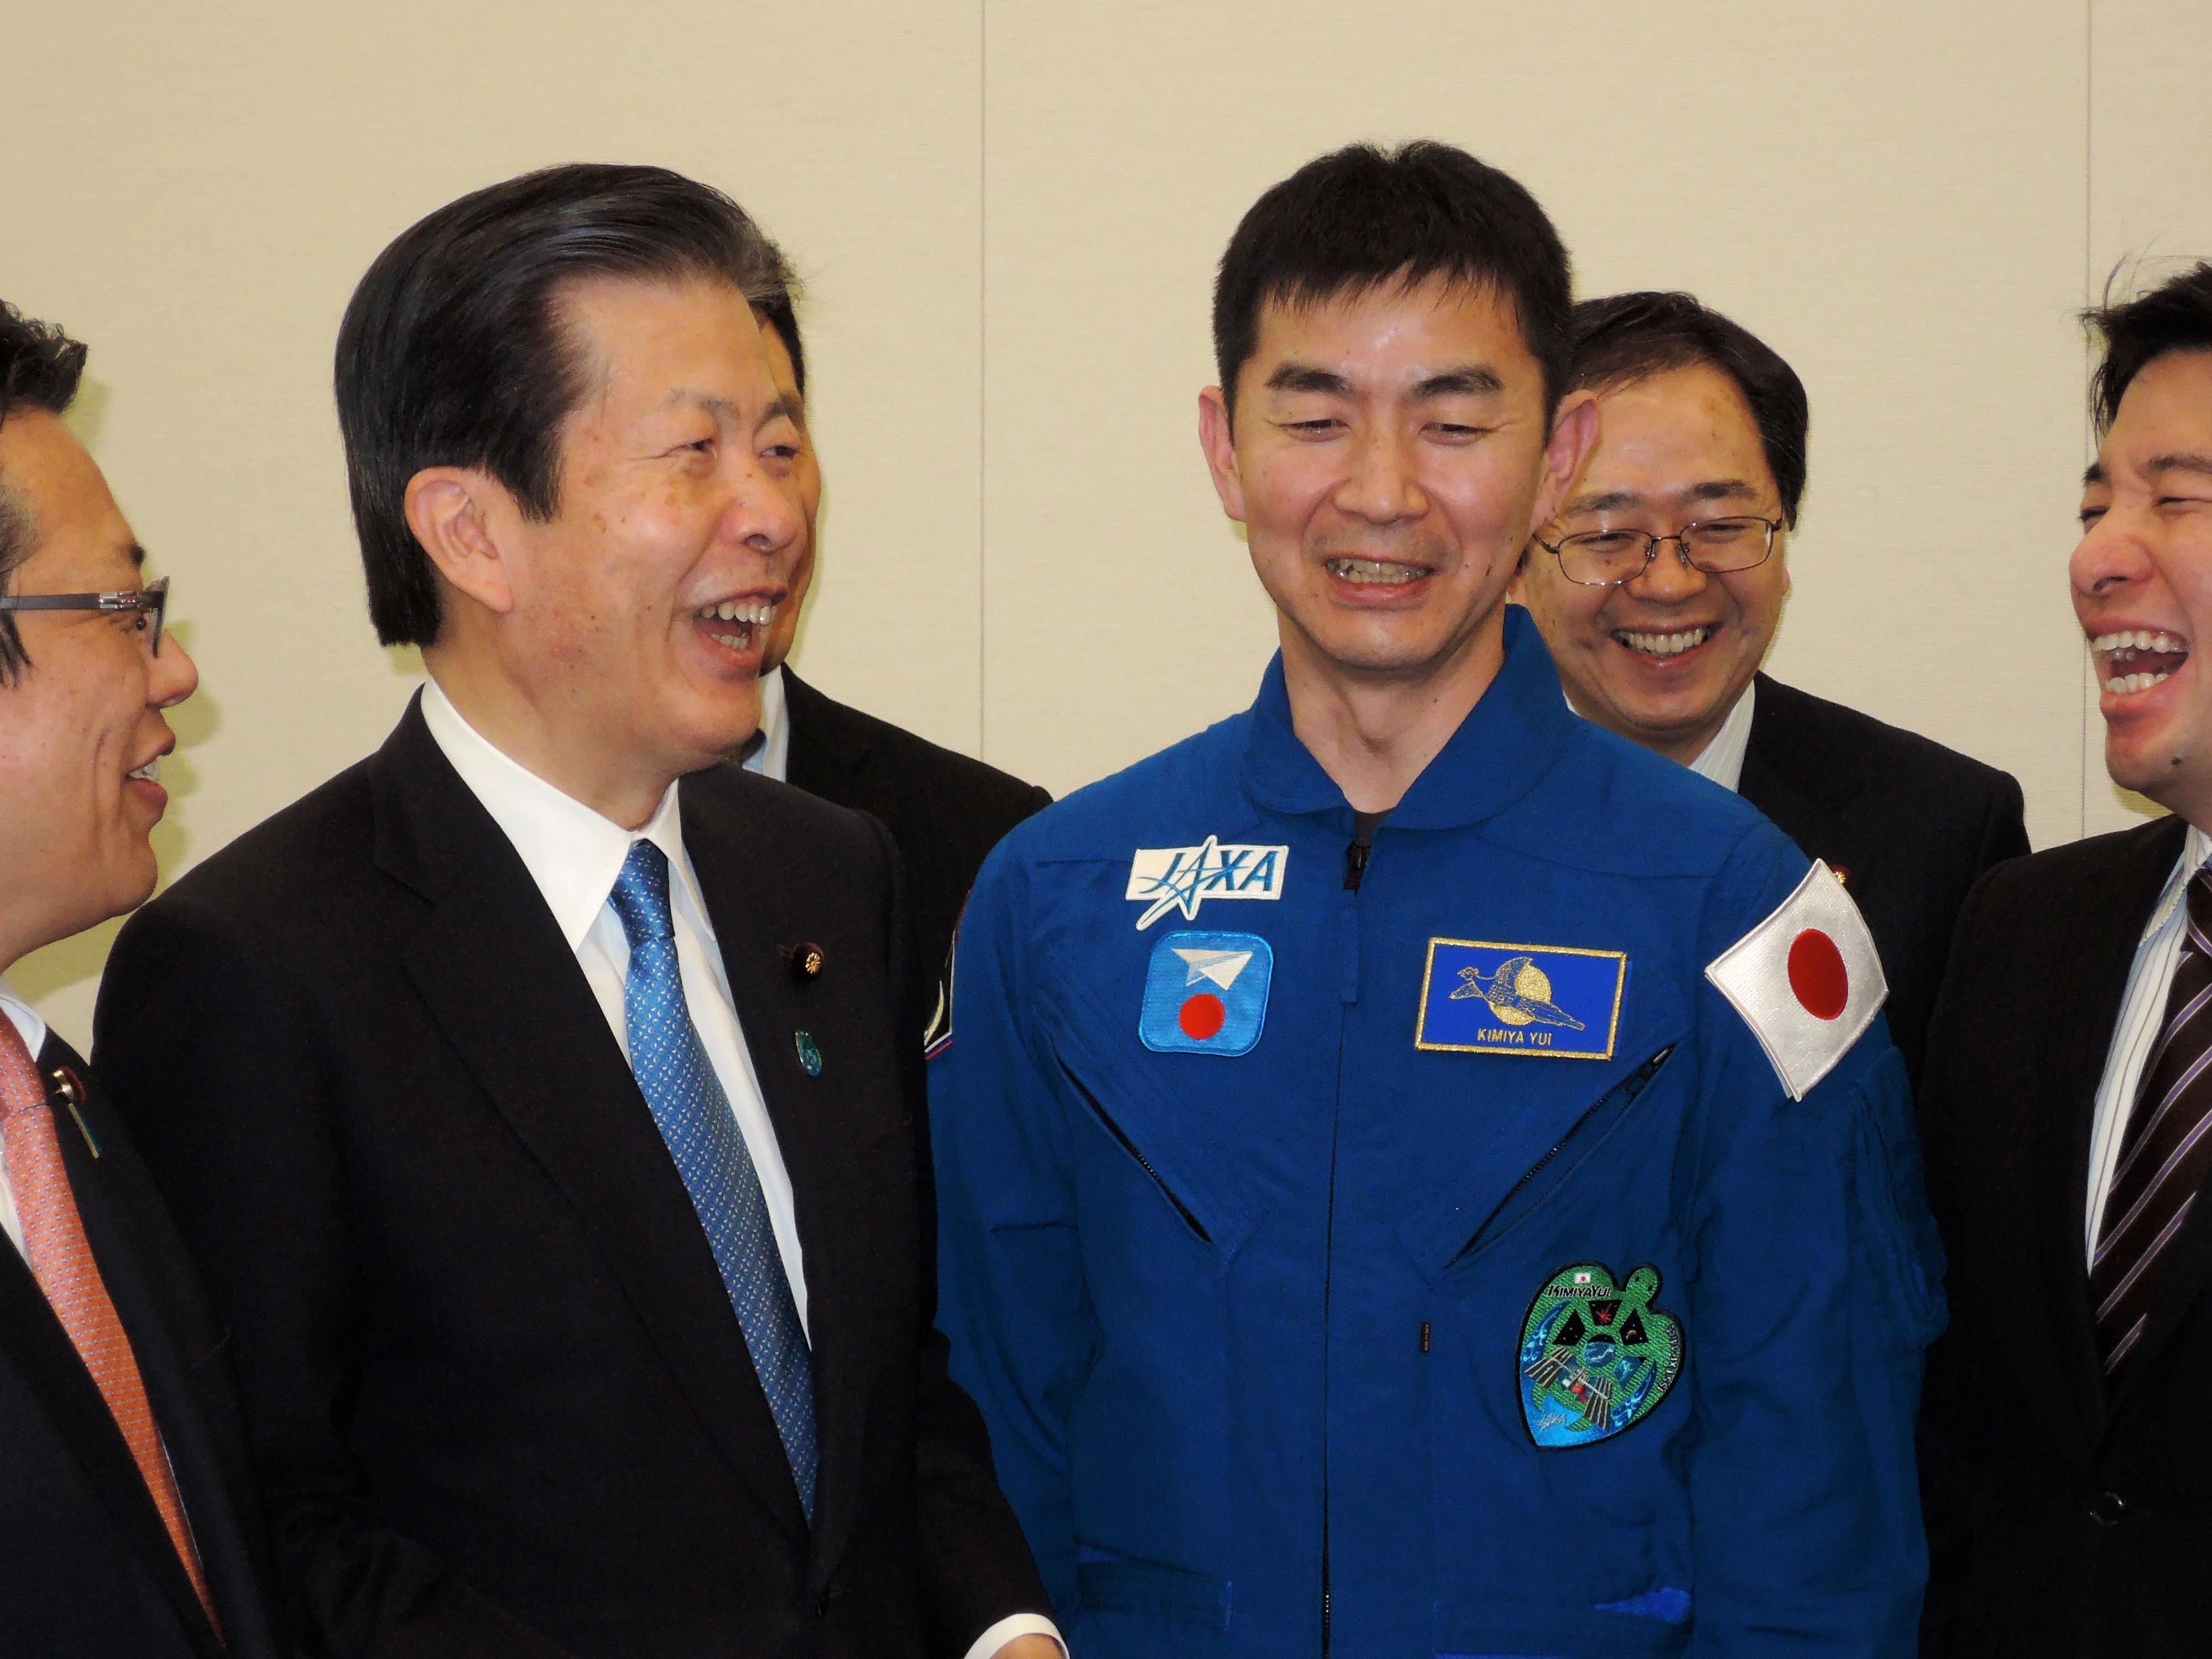 https://www.n-yamaguchi.gr.jp/news/DSCN6217.JPG